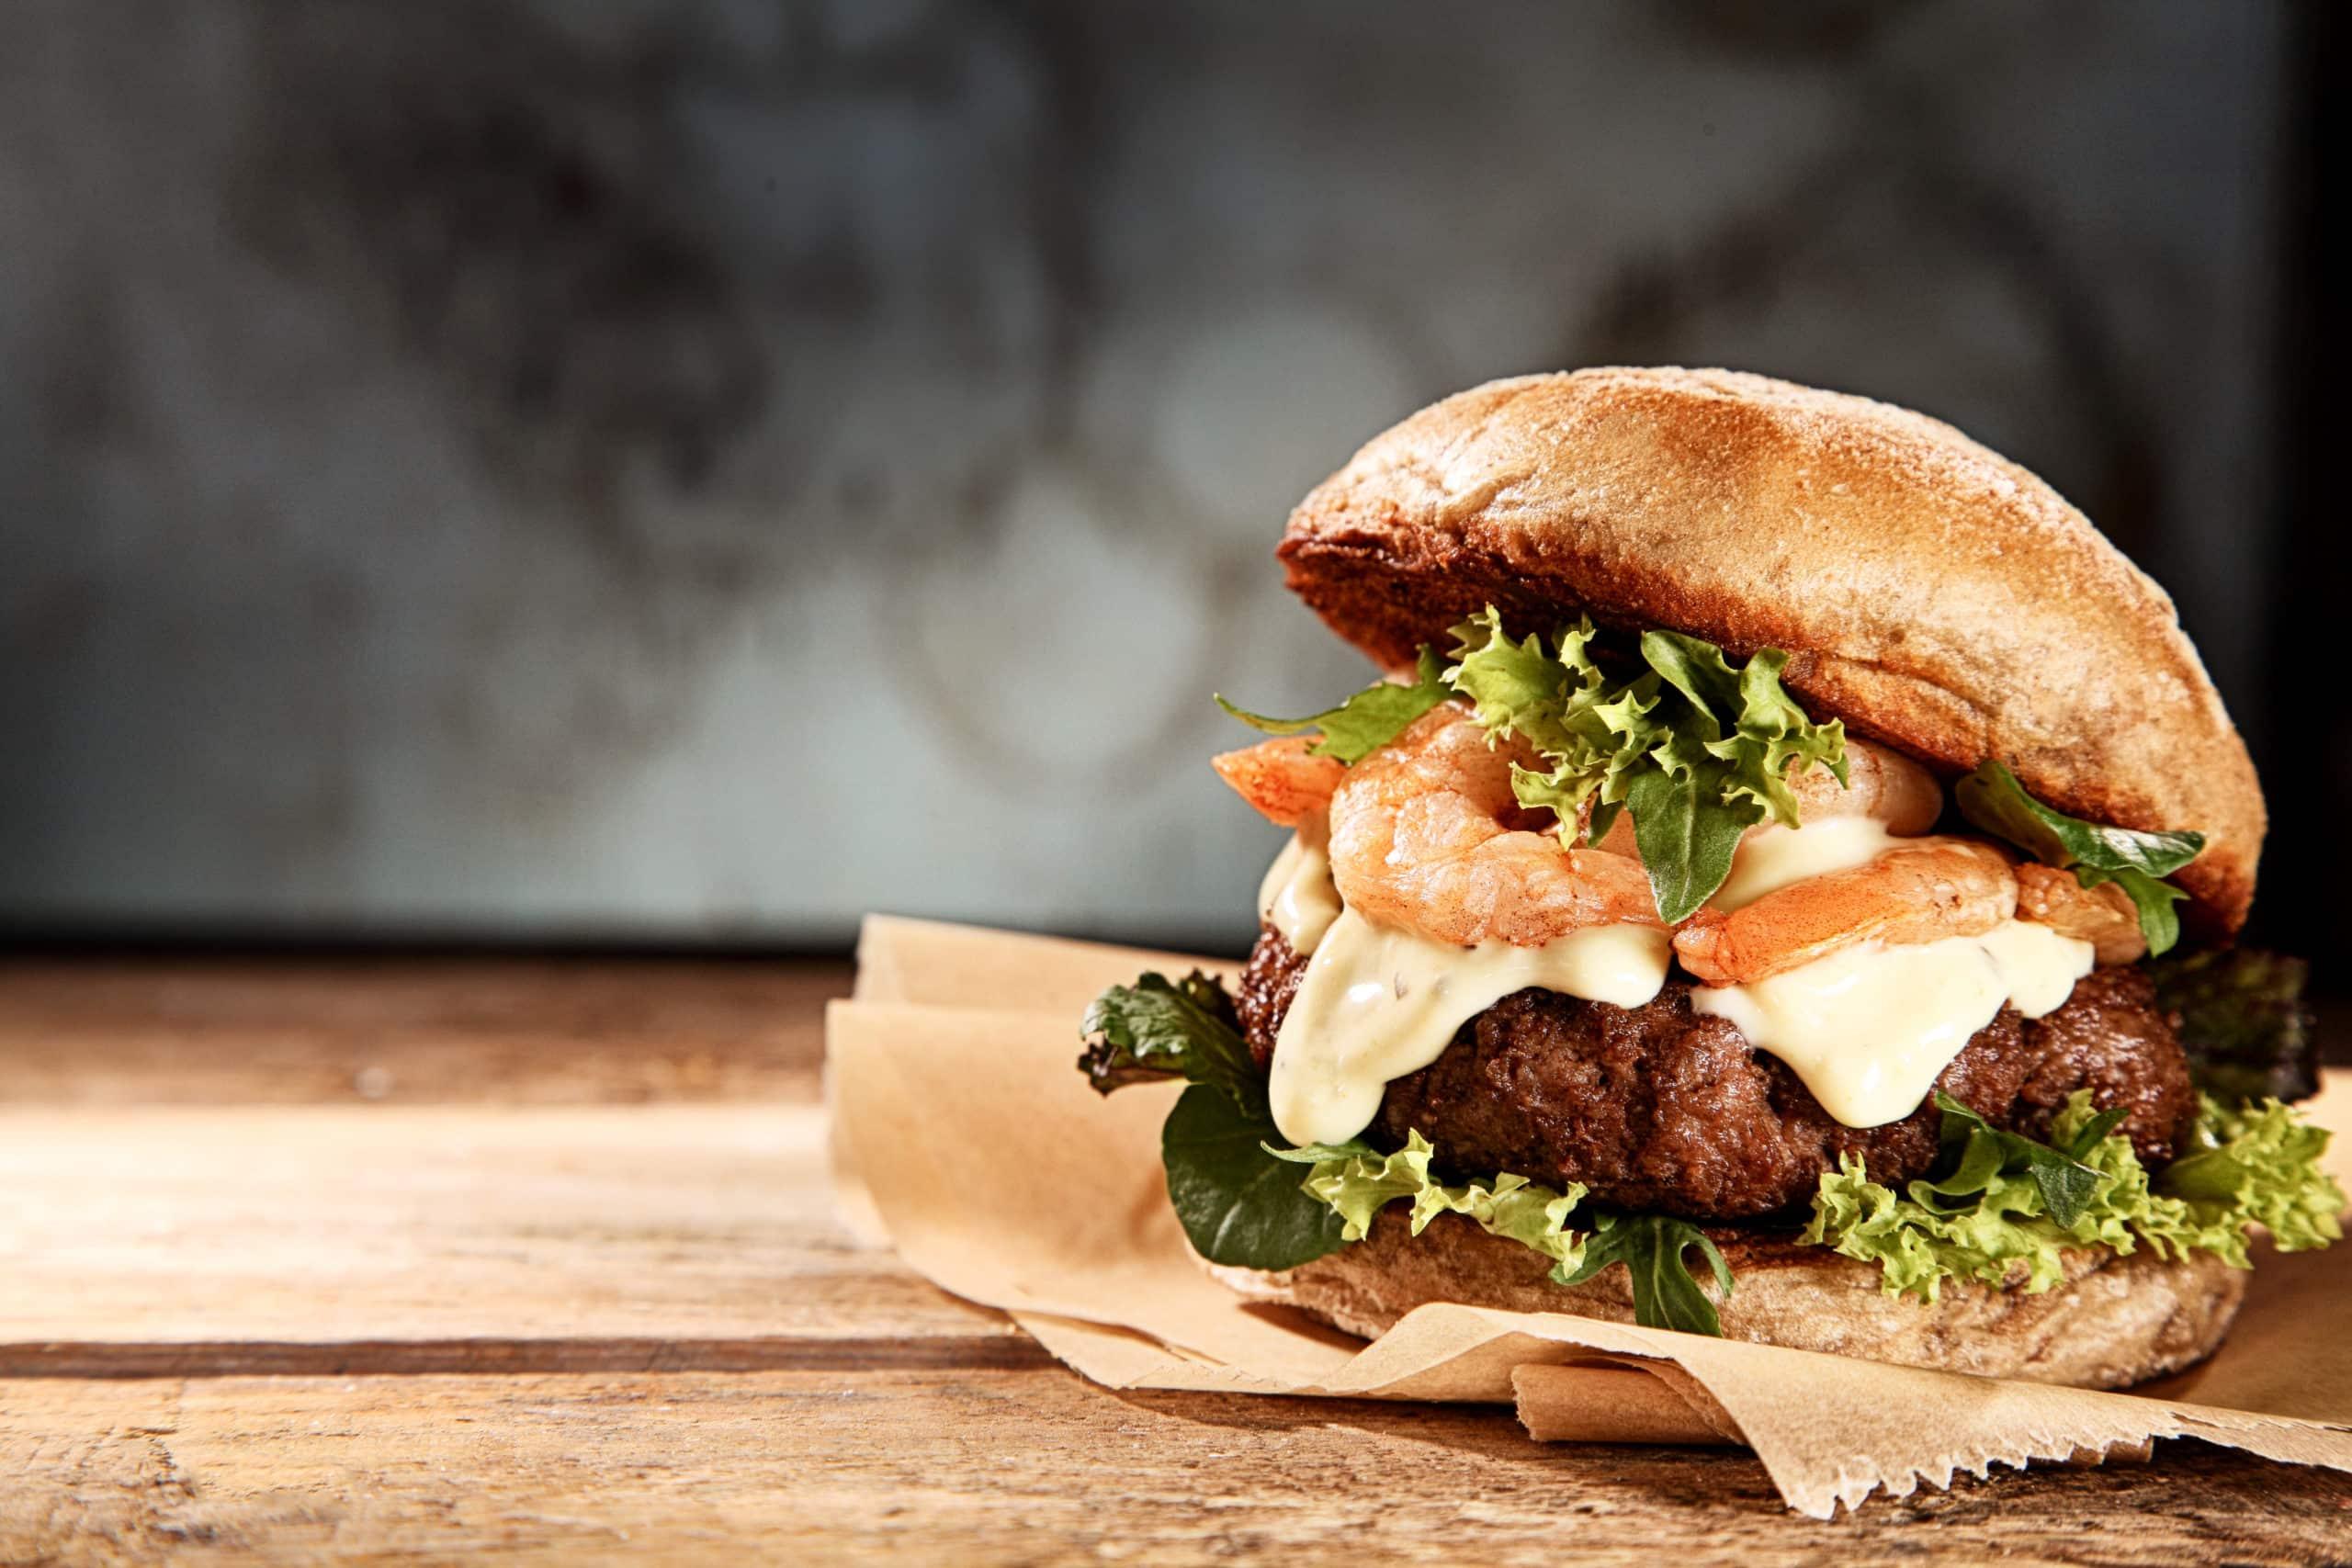 Märker Fine Food stellt sich zur Internorga neu auf